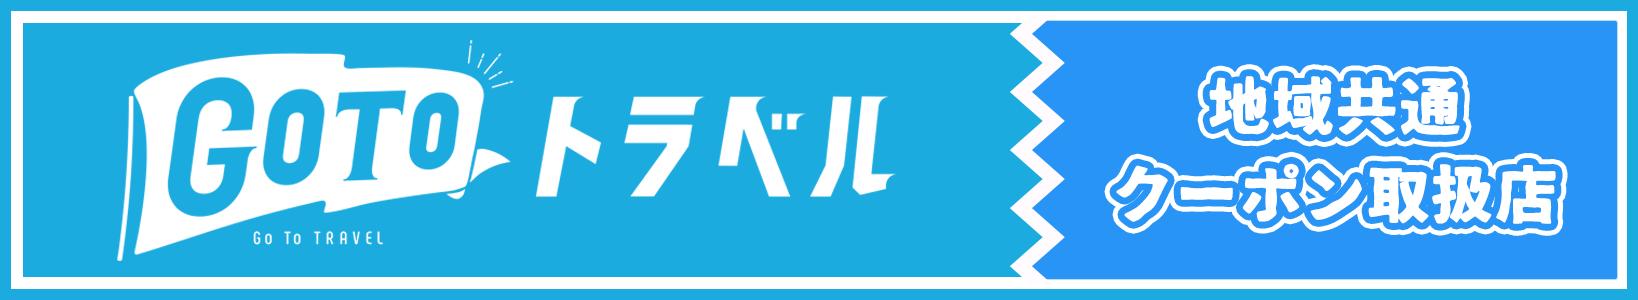 ウィングレンタカー三沢4WD専門店【地域共通クーポン取扱店】